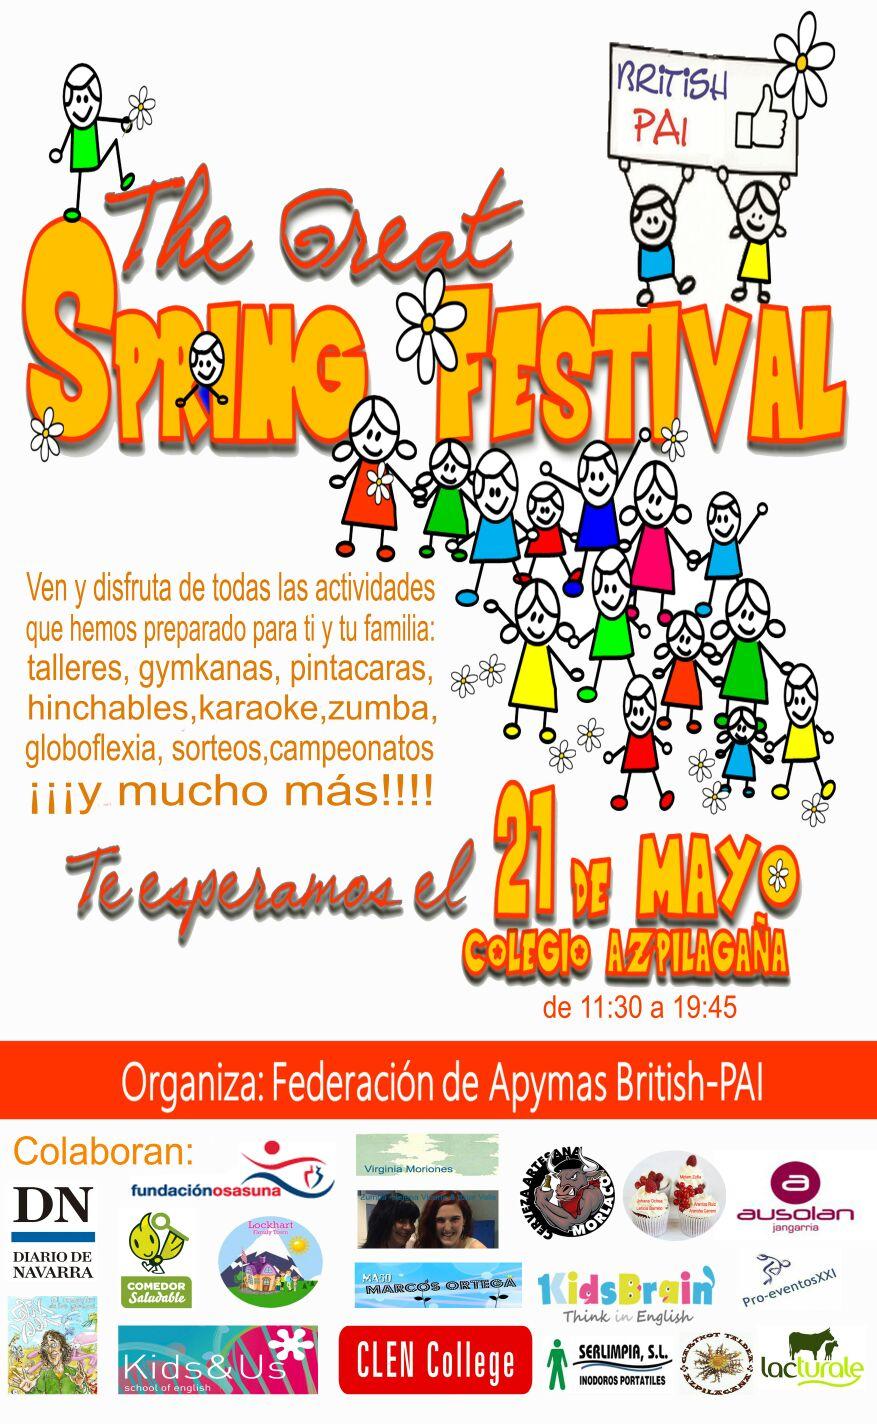 FiestaBritish21Mayo1